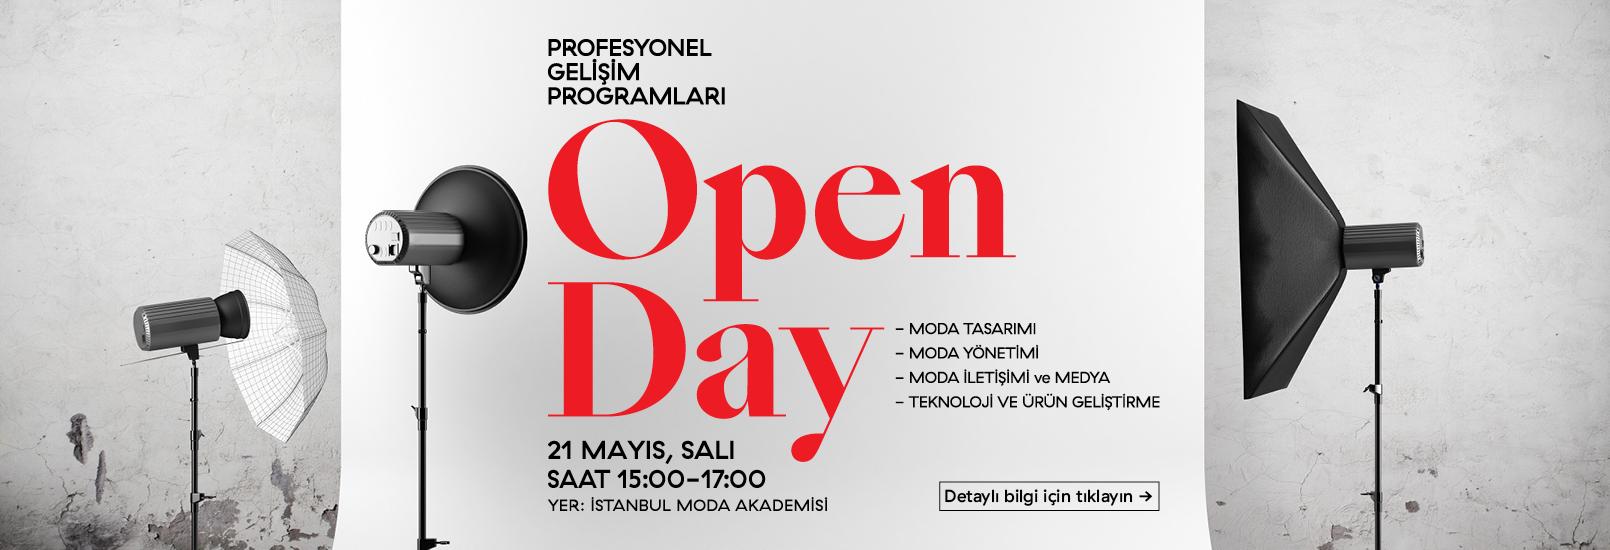 21 Mayıs Open Day